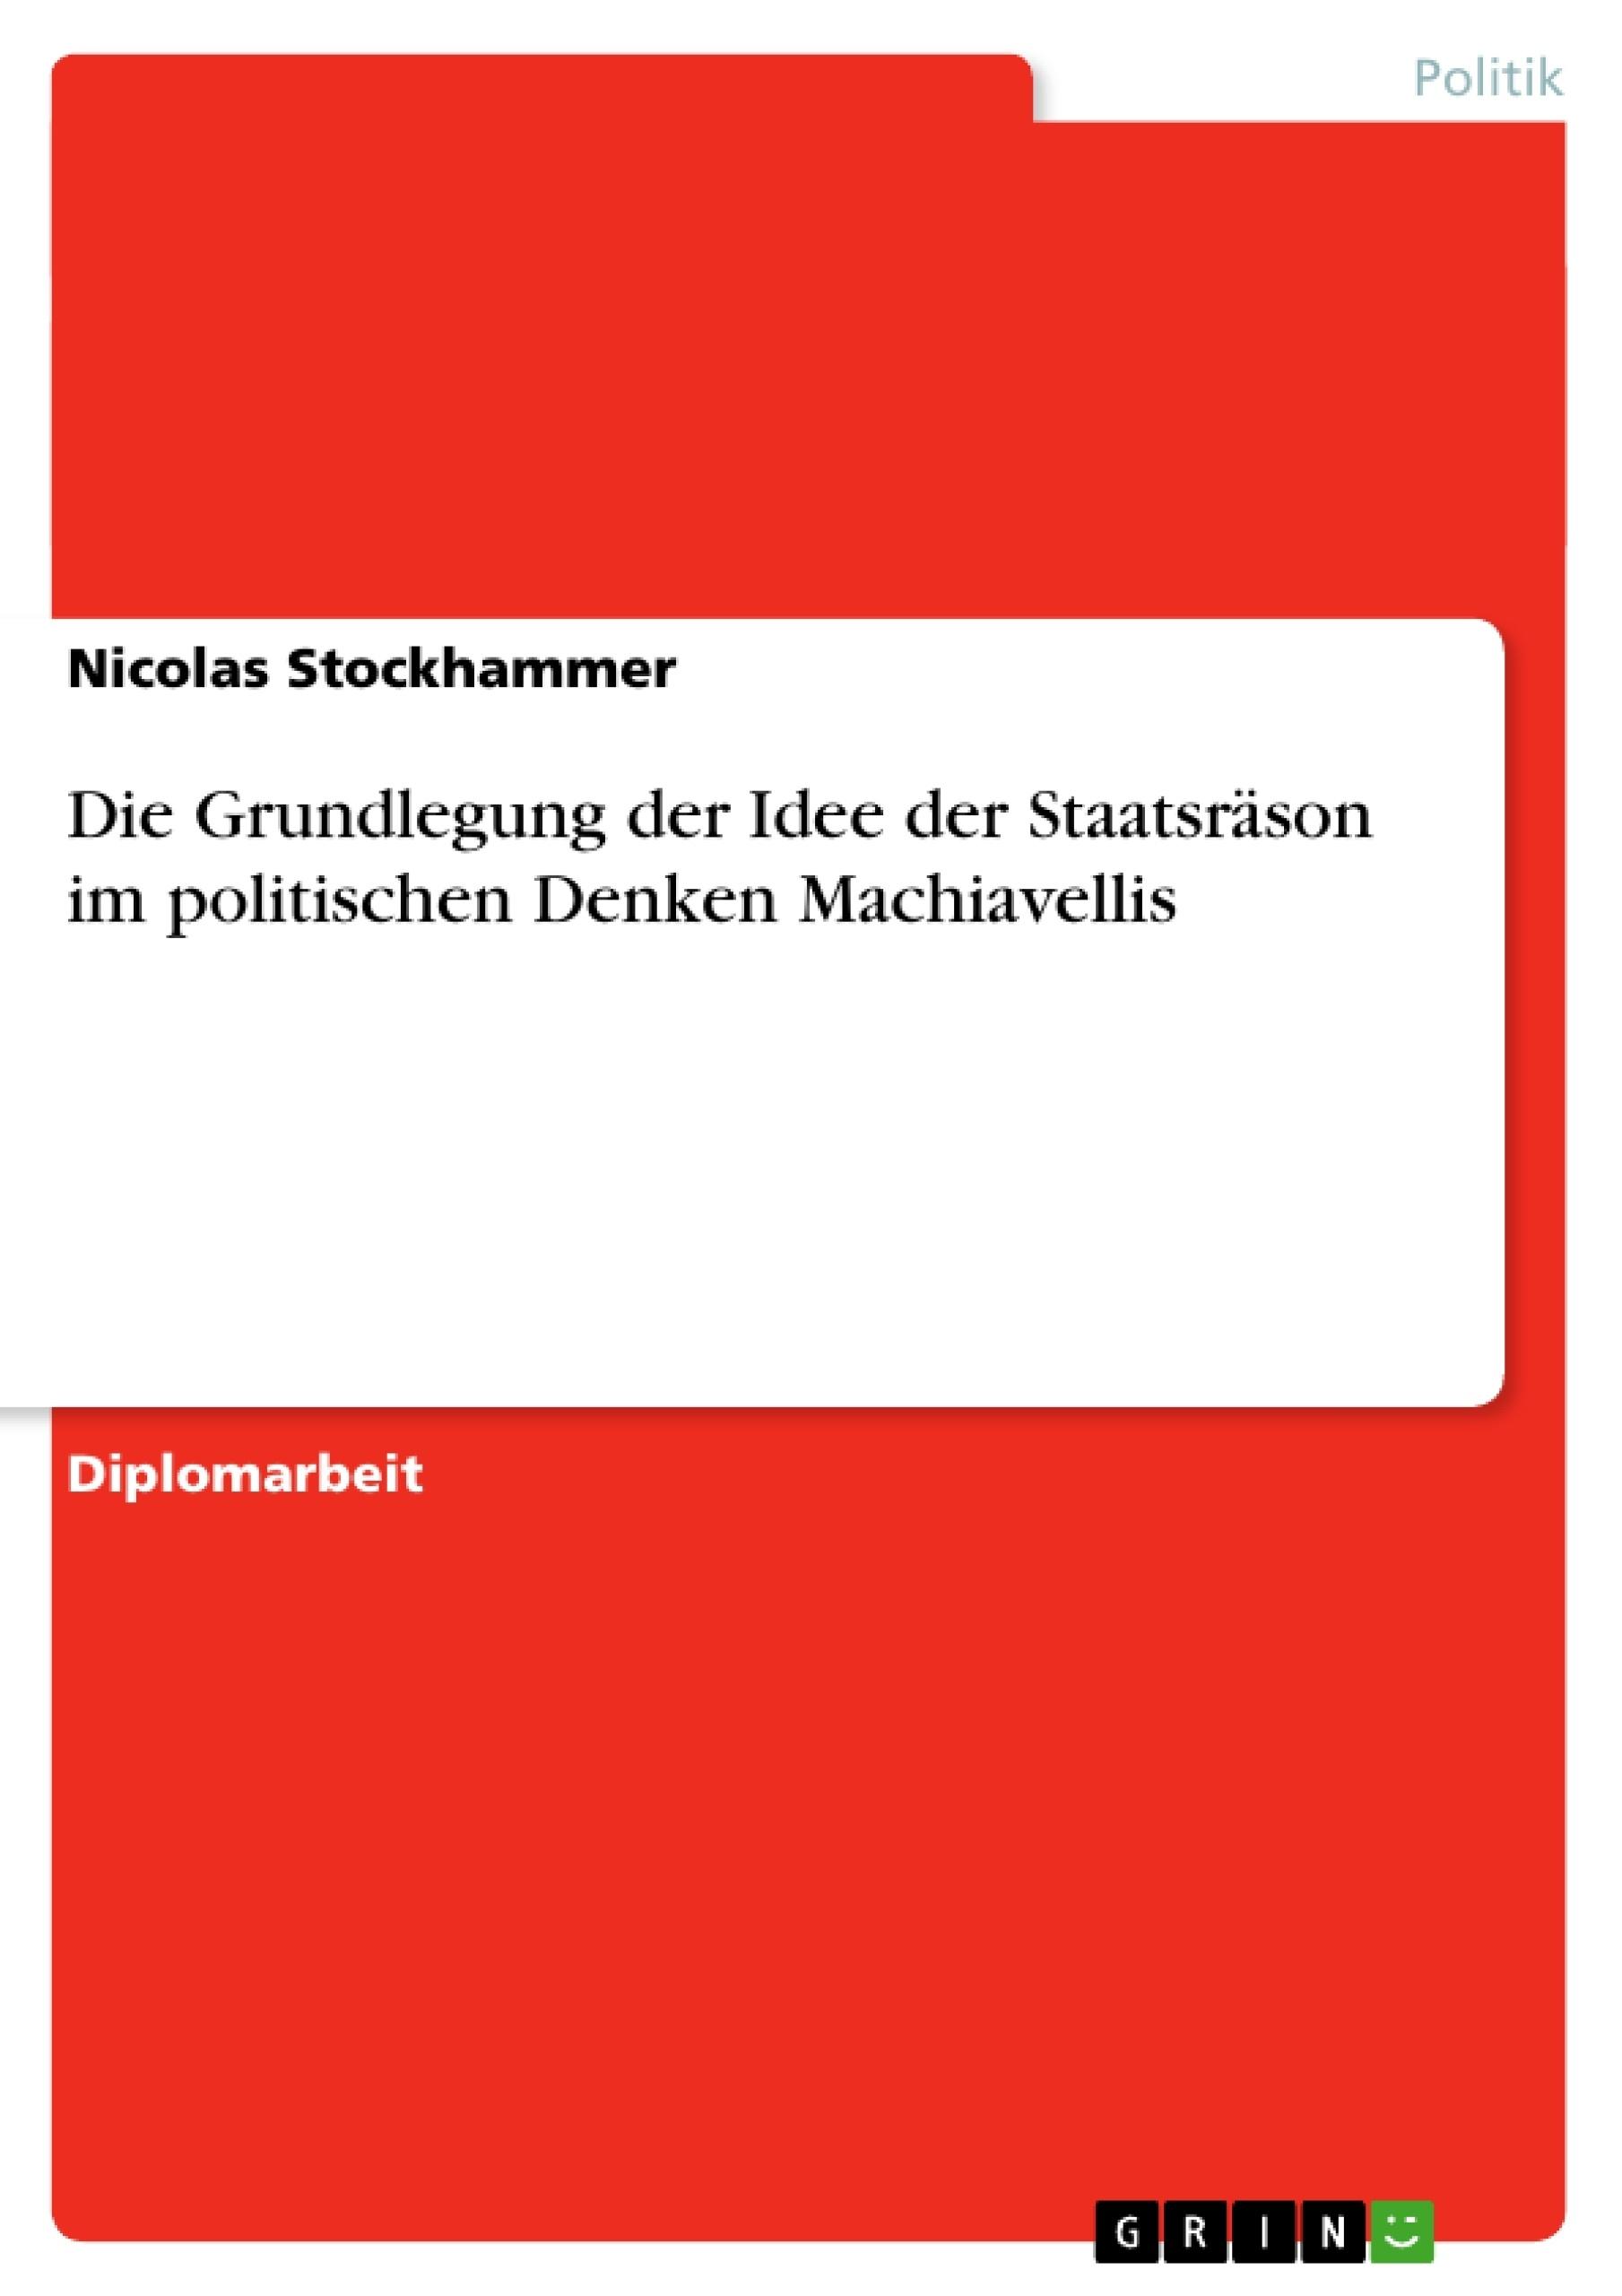 Titel: Die Grundlegung der Idee der Staatsräson im politischen Denken Machiavellis